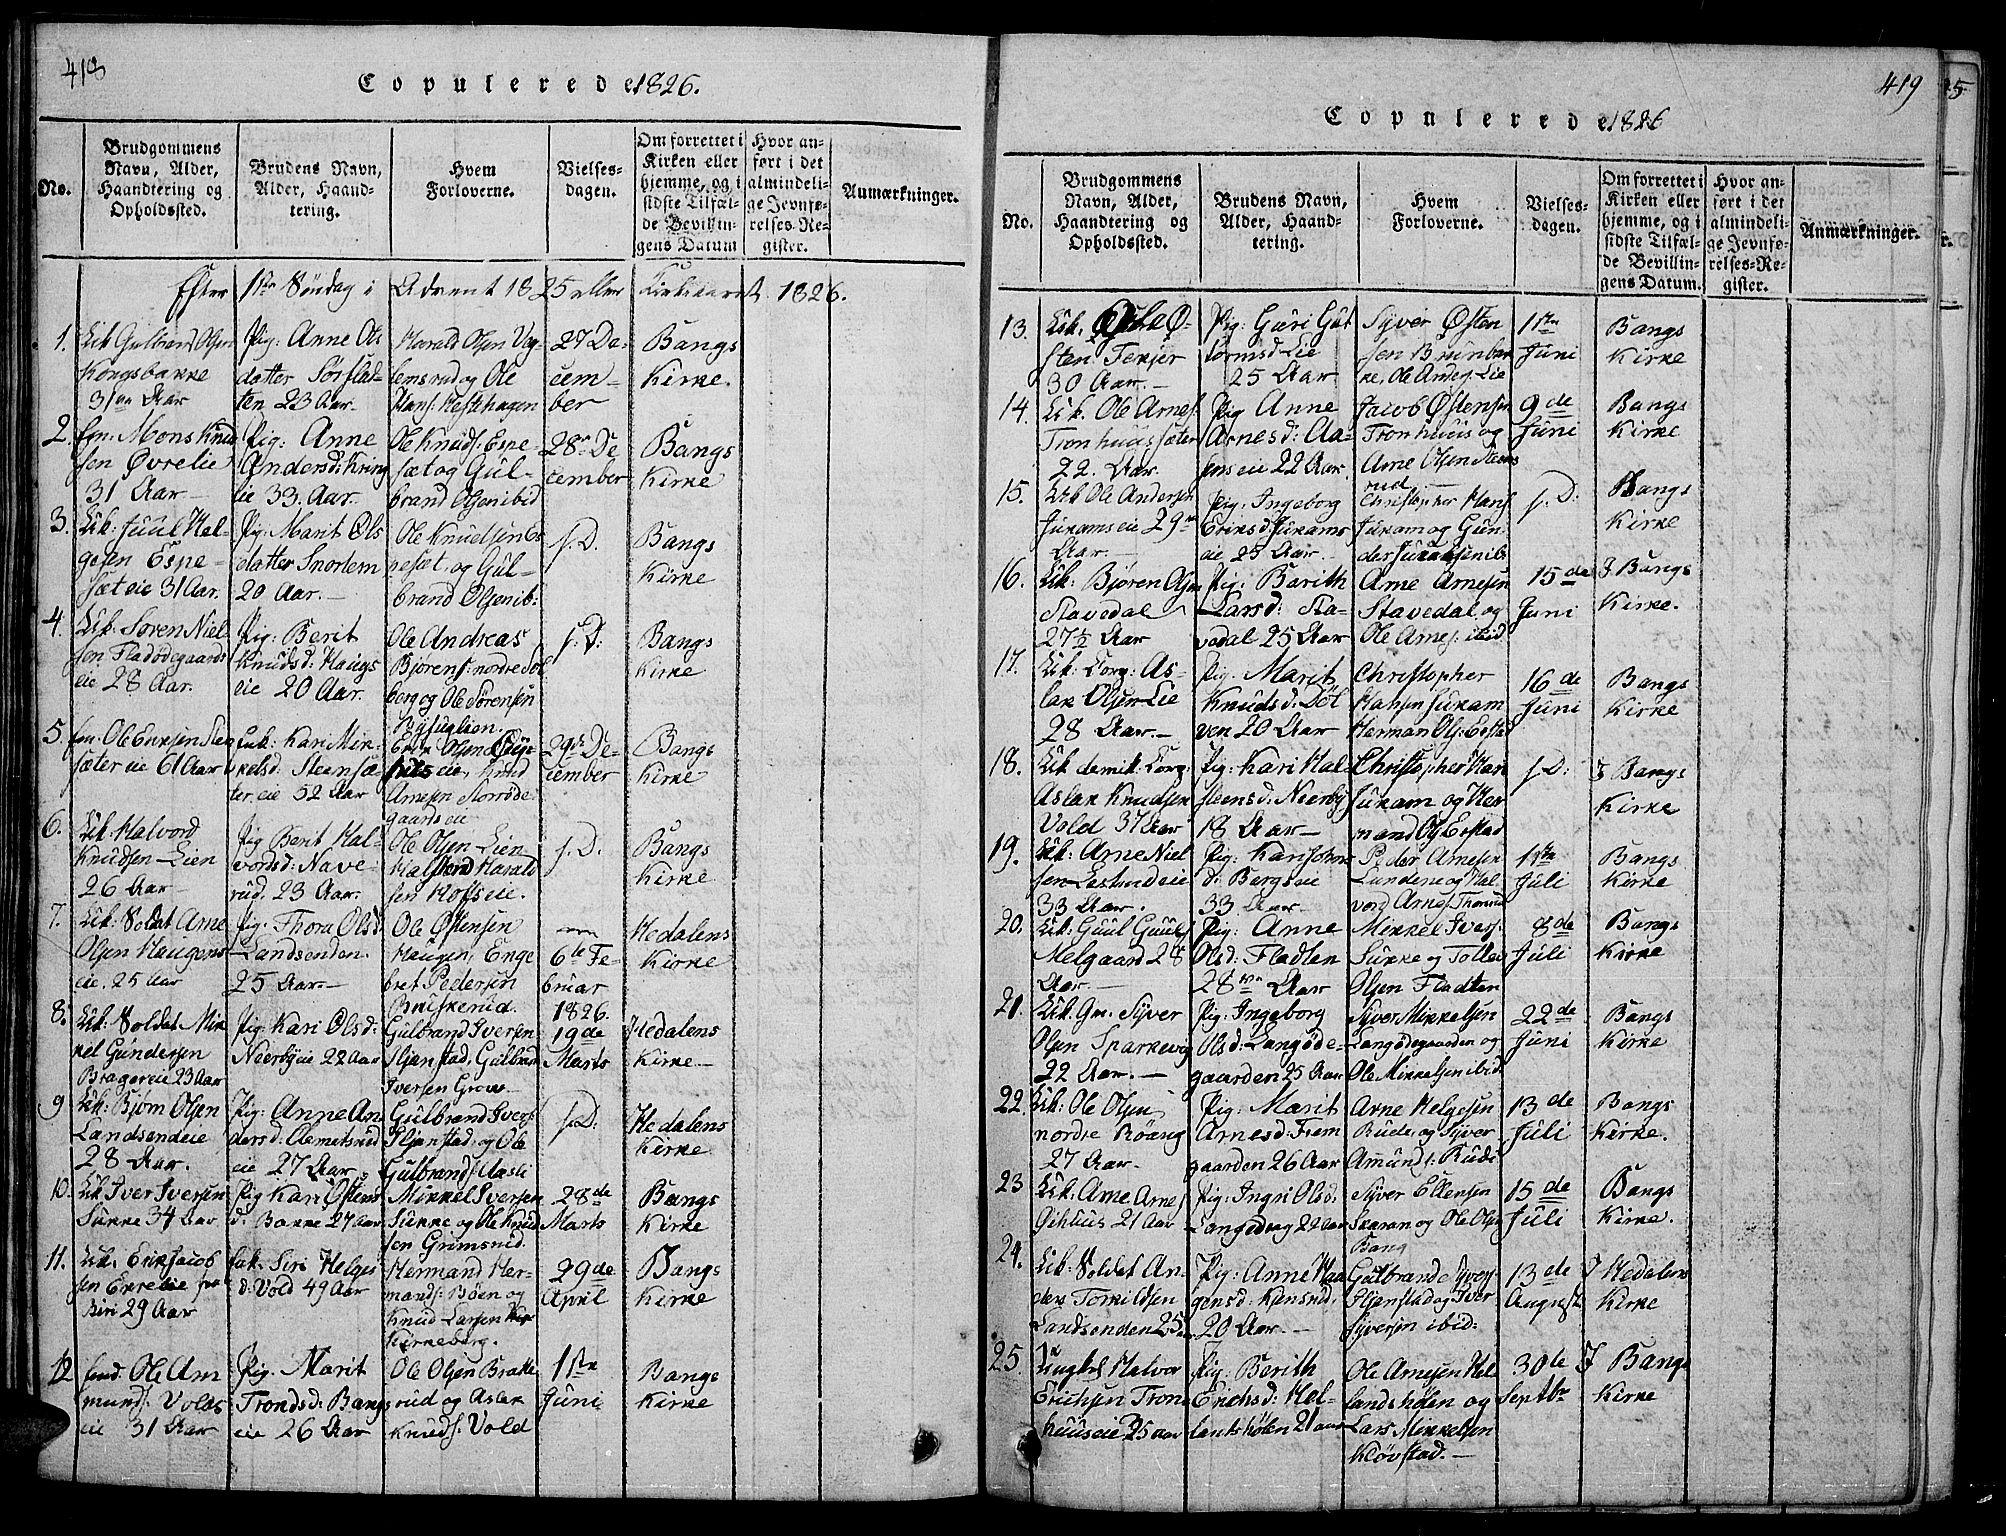 SAH, Sør-Aurdal prestekontor, Klokkerbok nr. 1, 1815-1826, s. 418-419